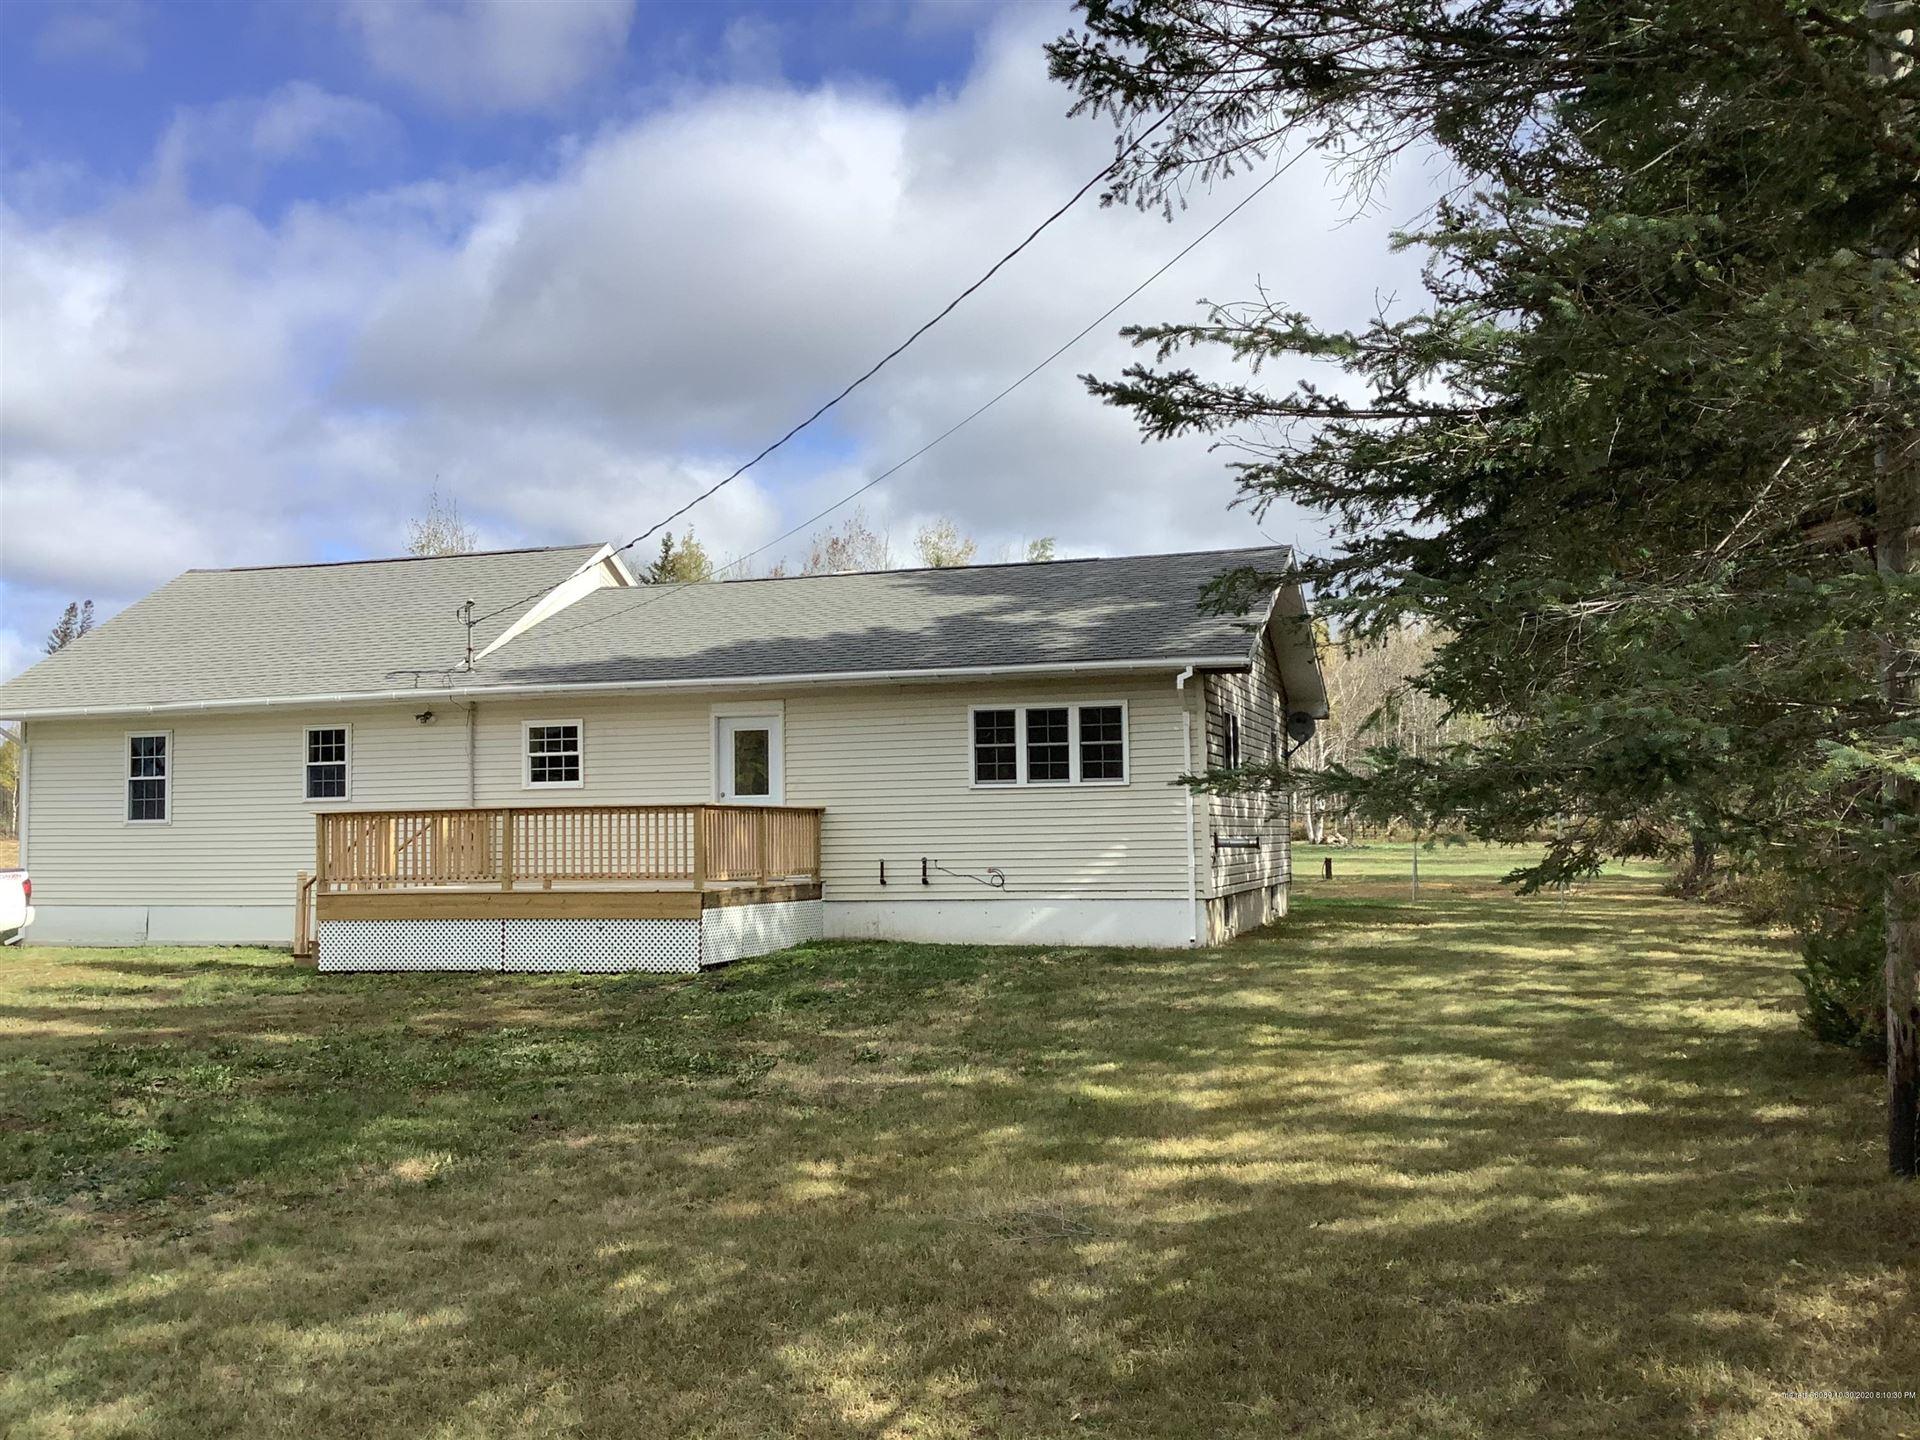 Photo of 36 McNamee Road, Fort Fairfield, ME 04742 (MLS # 1474466)